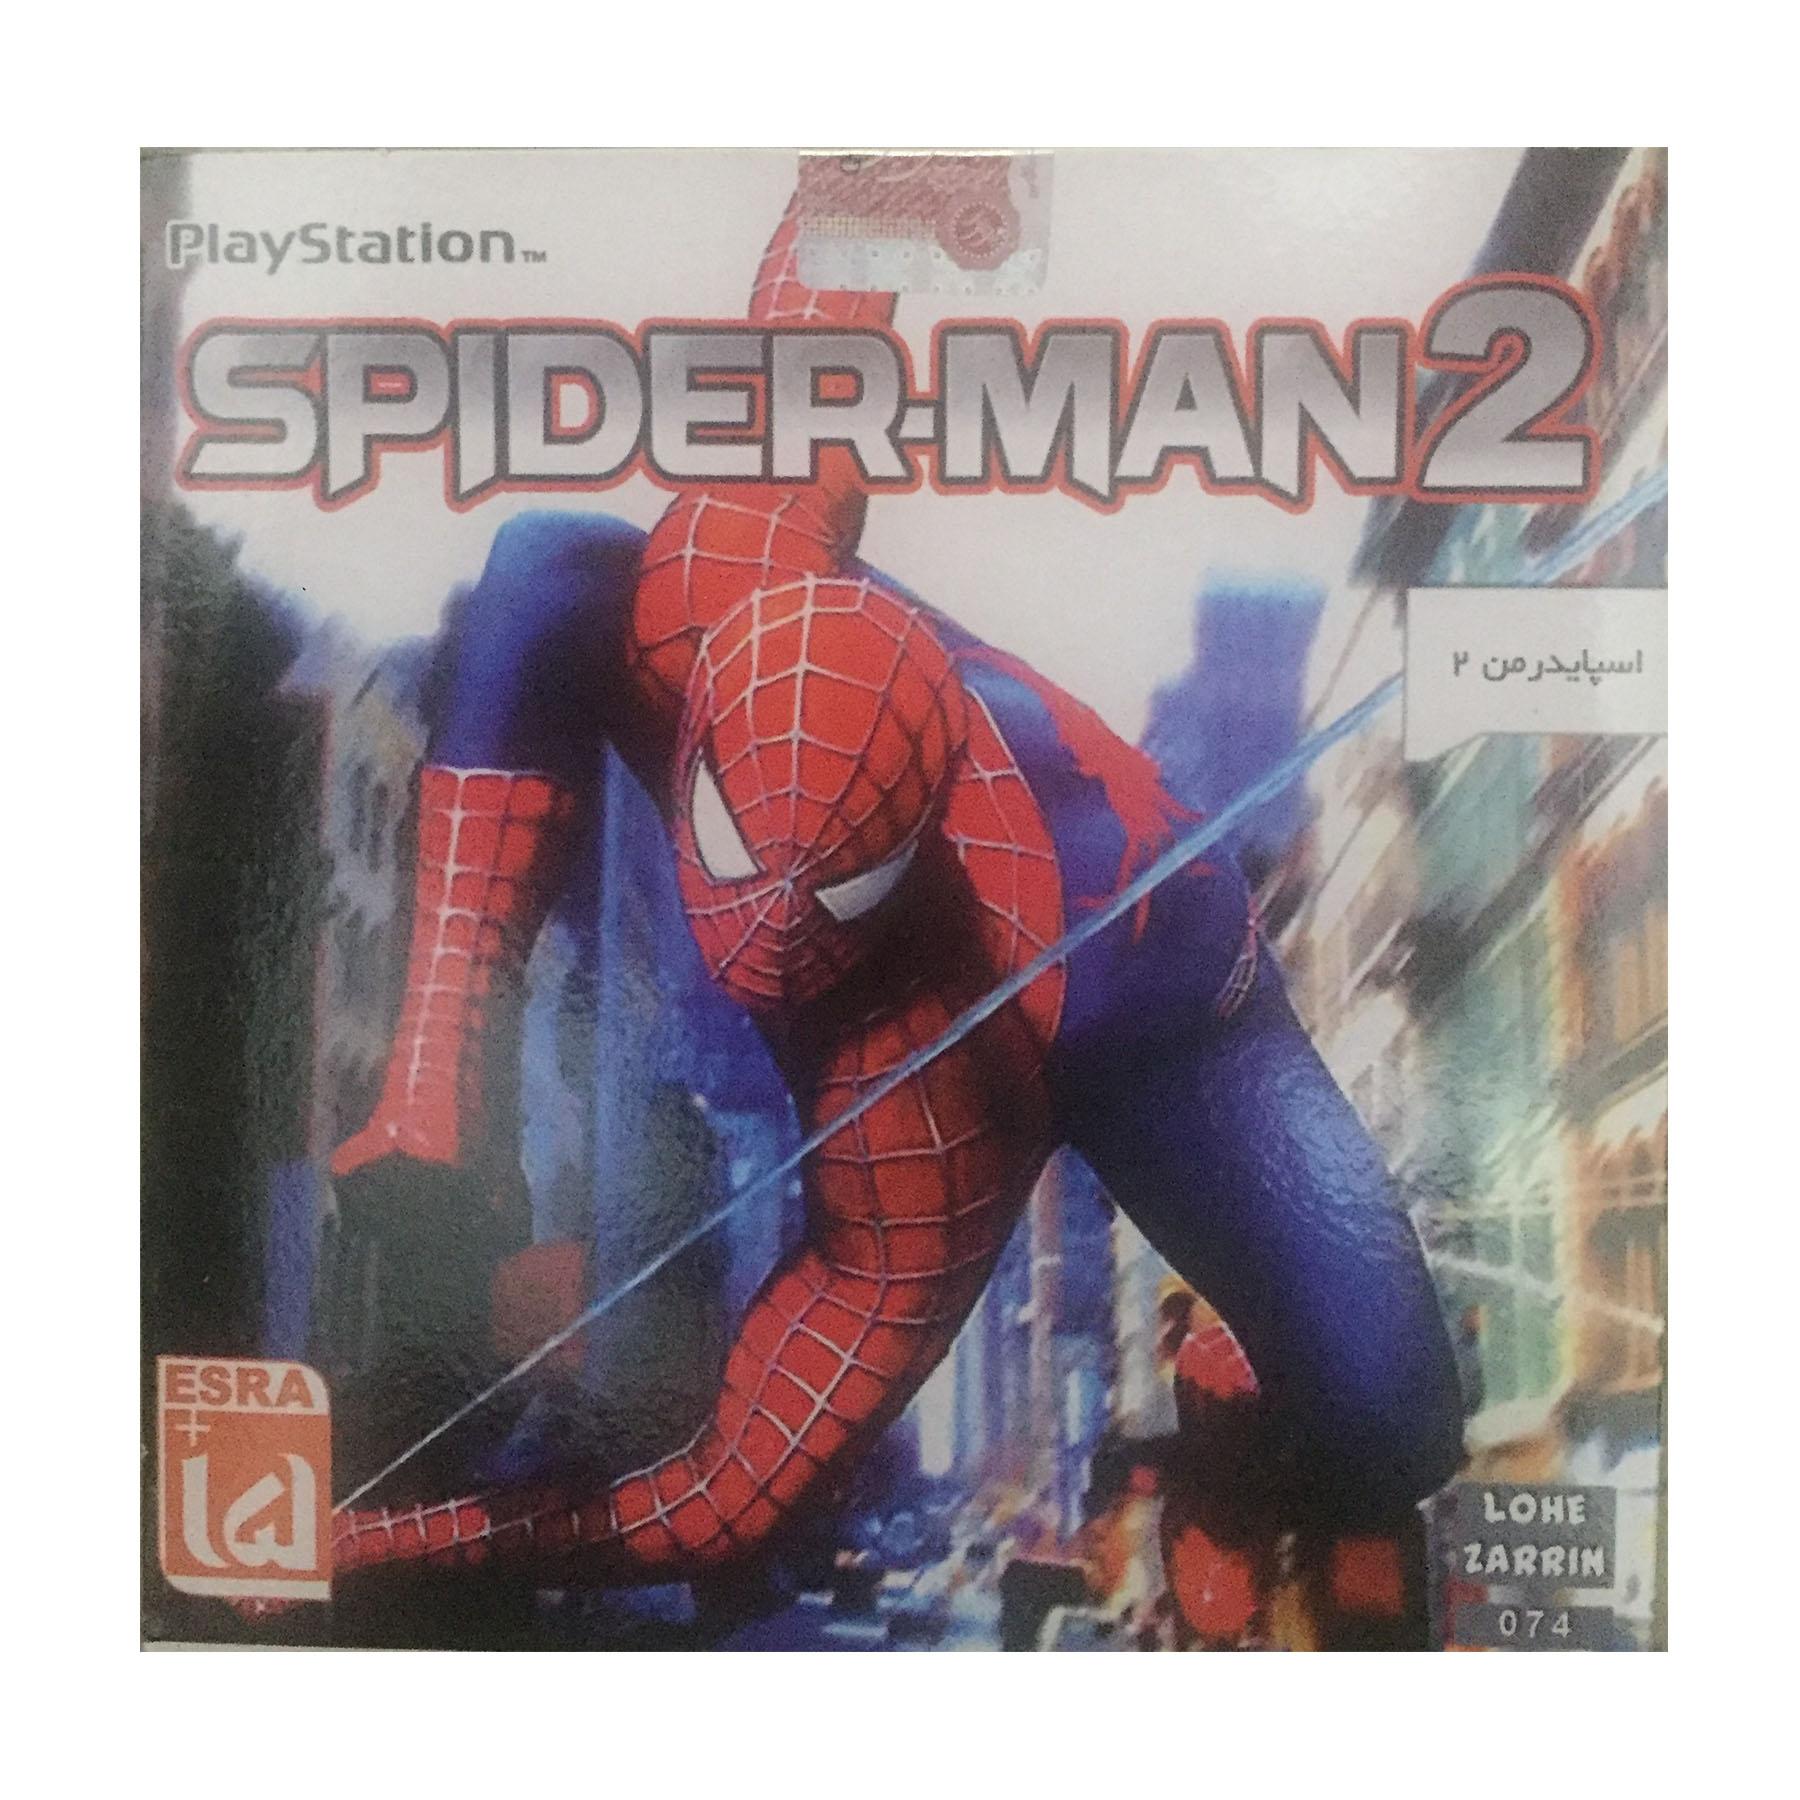 بازی SPIDER-MAN2 مخصوص PLAYStation1 (به همراه هدیه ۱ عدد سی دی آلبوم موسیقی مکث)